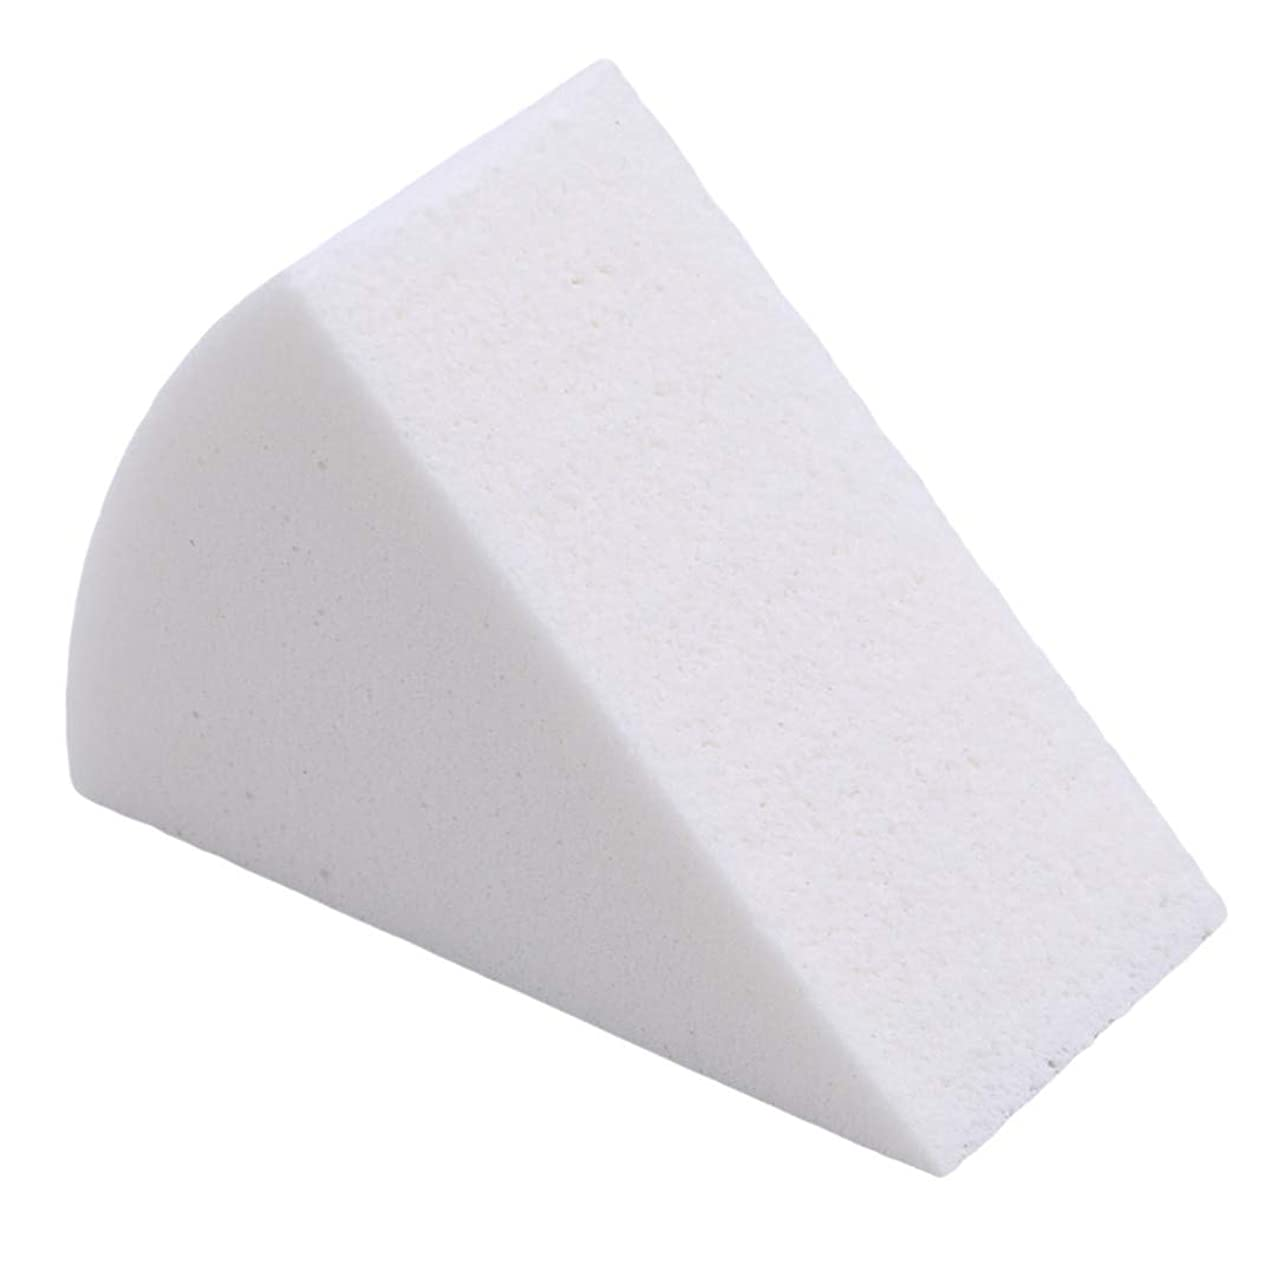 神社極小コールUnderleaf 8ピース/セット三角形状フェイスパフキャンディーカラーソフトマジッククリーニングパッド化粧品クレンジングスポンジウォッシュフェイスメイクアップツール、カラー1